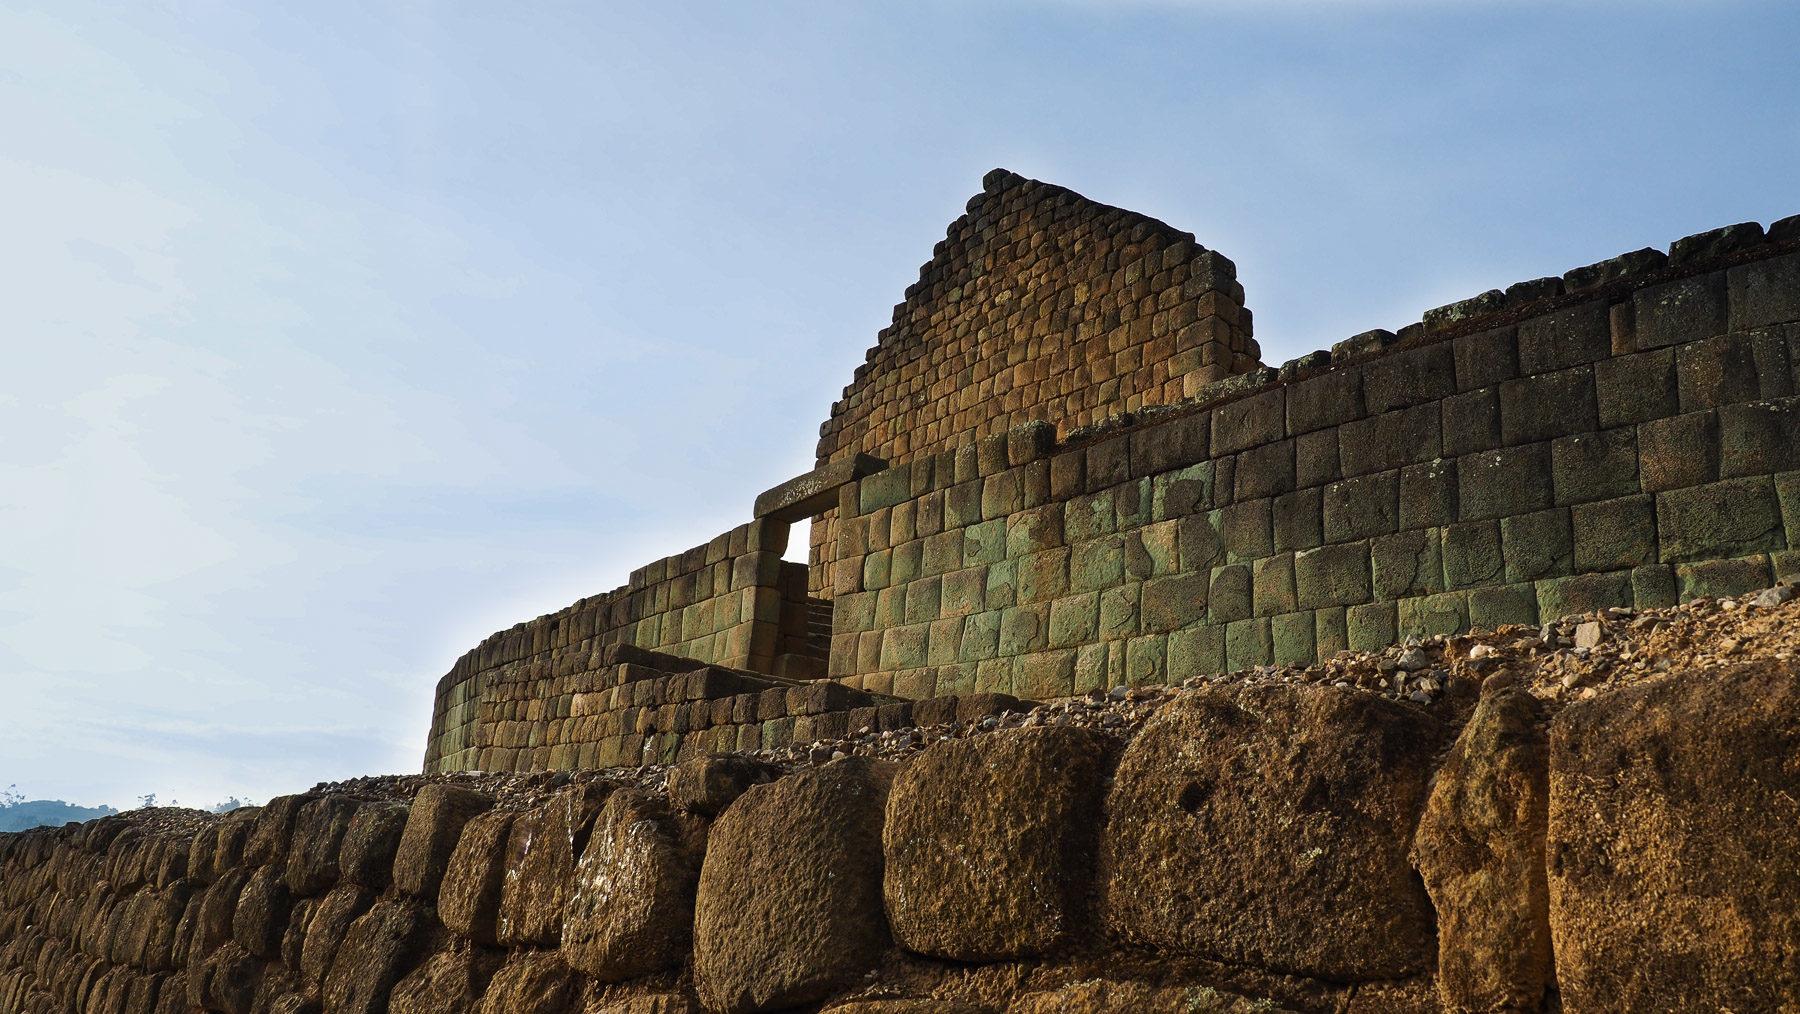 Die charakteristischen Inkasteinmauern